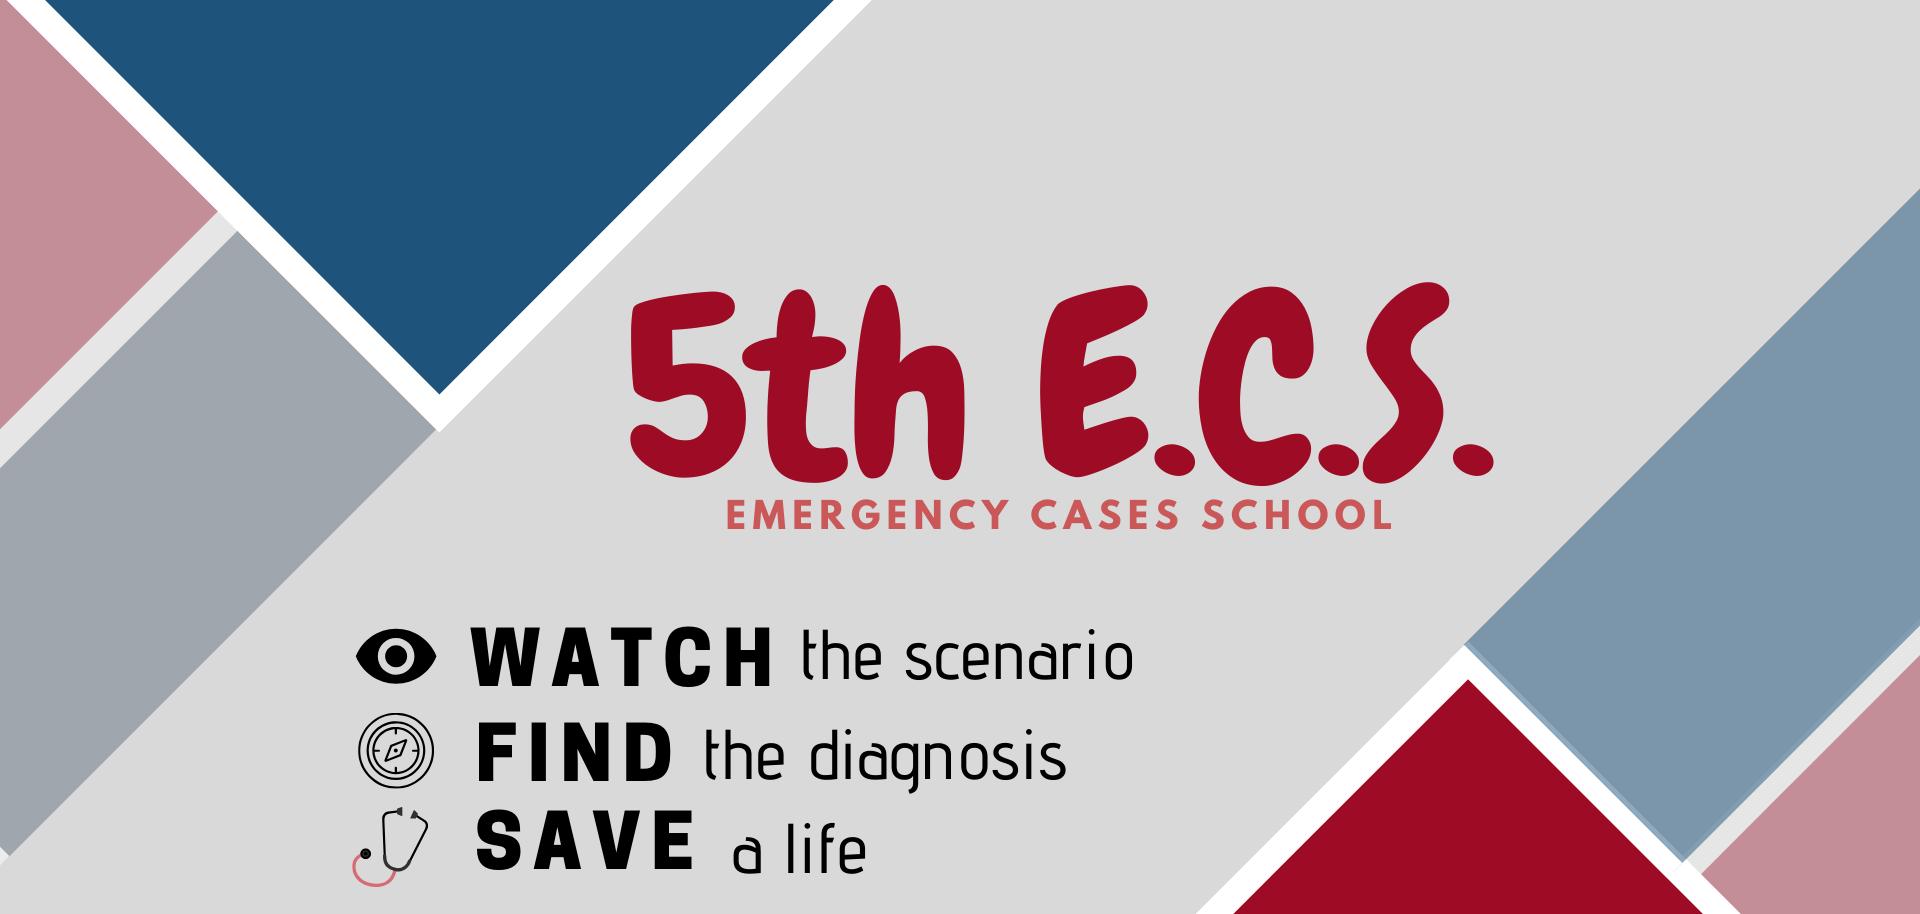 Σεμινάριο Επειγόντων Περιστατικών | Emergency Cases School (E.C.S.)